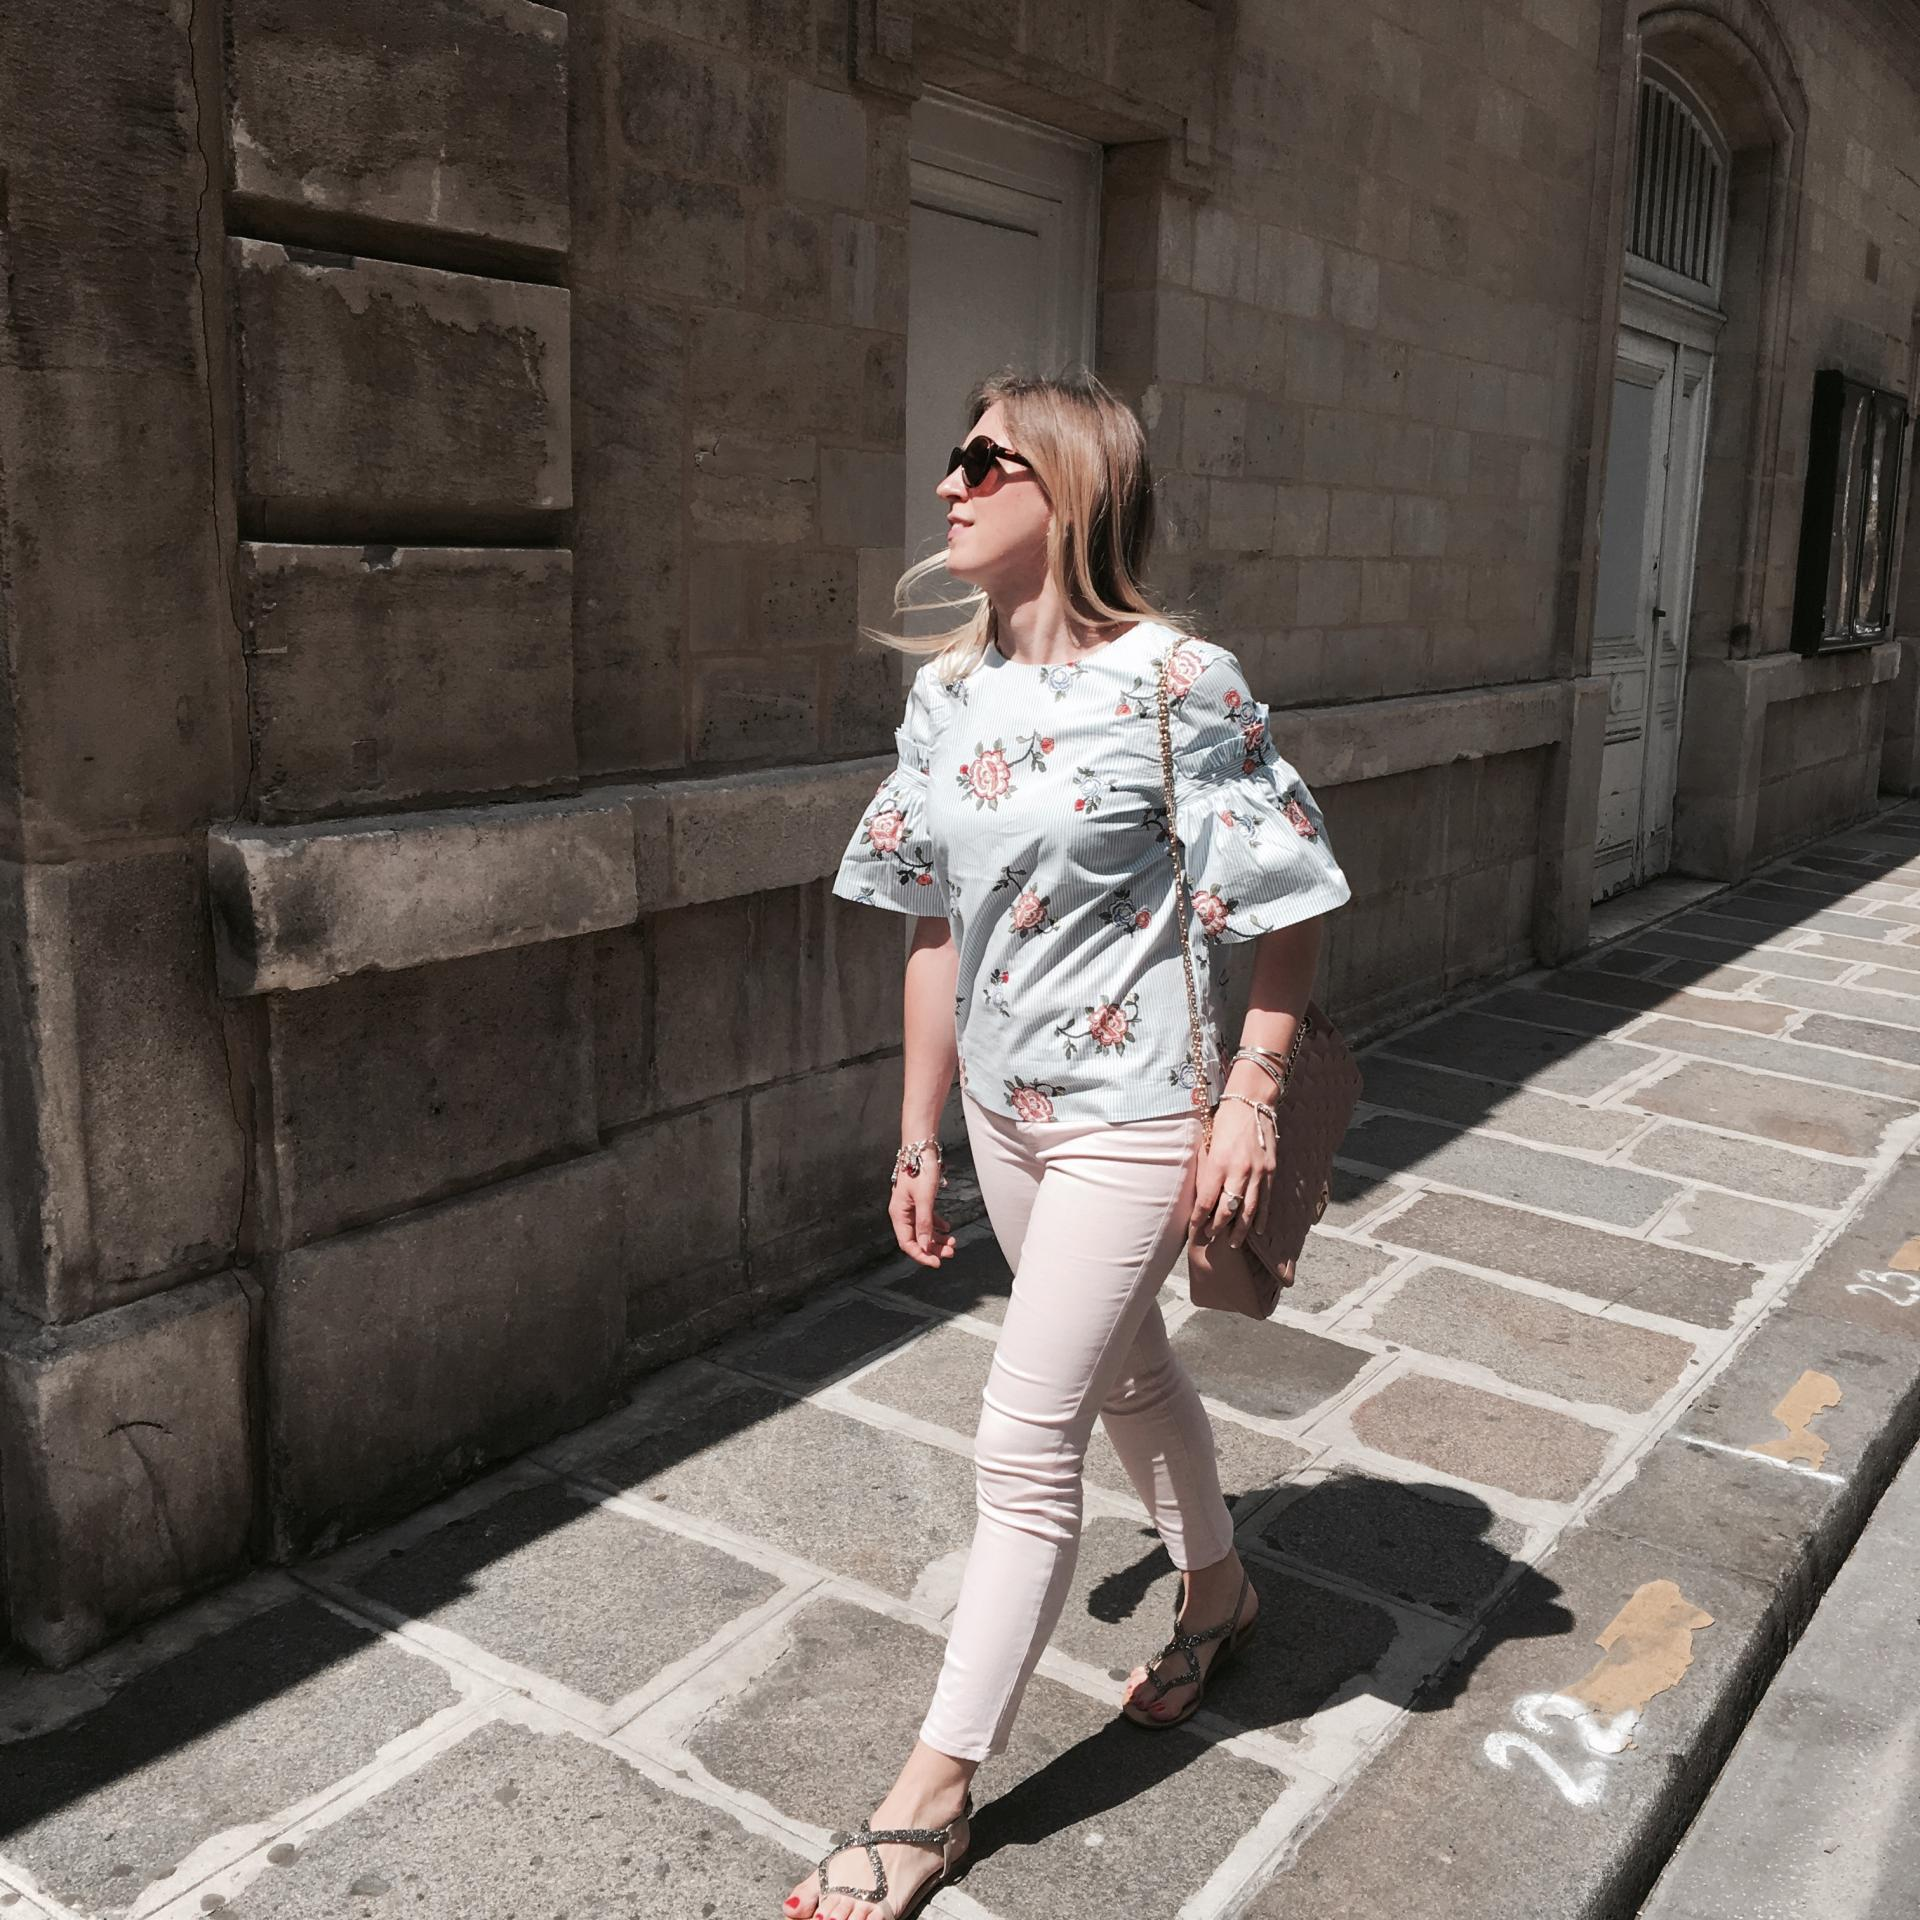 La jolie blouse à volants 👚🎀💕 + code promo H&M